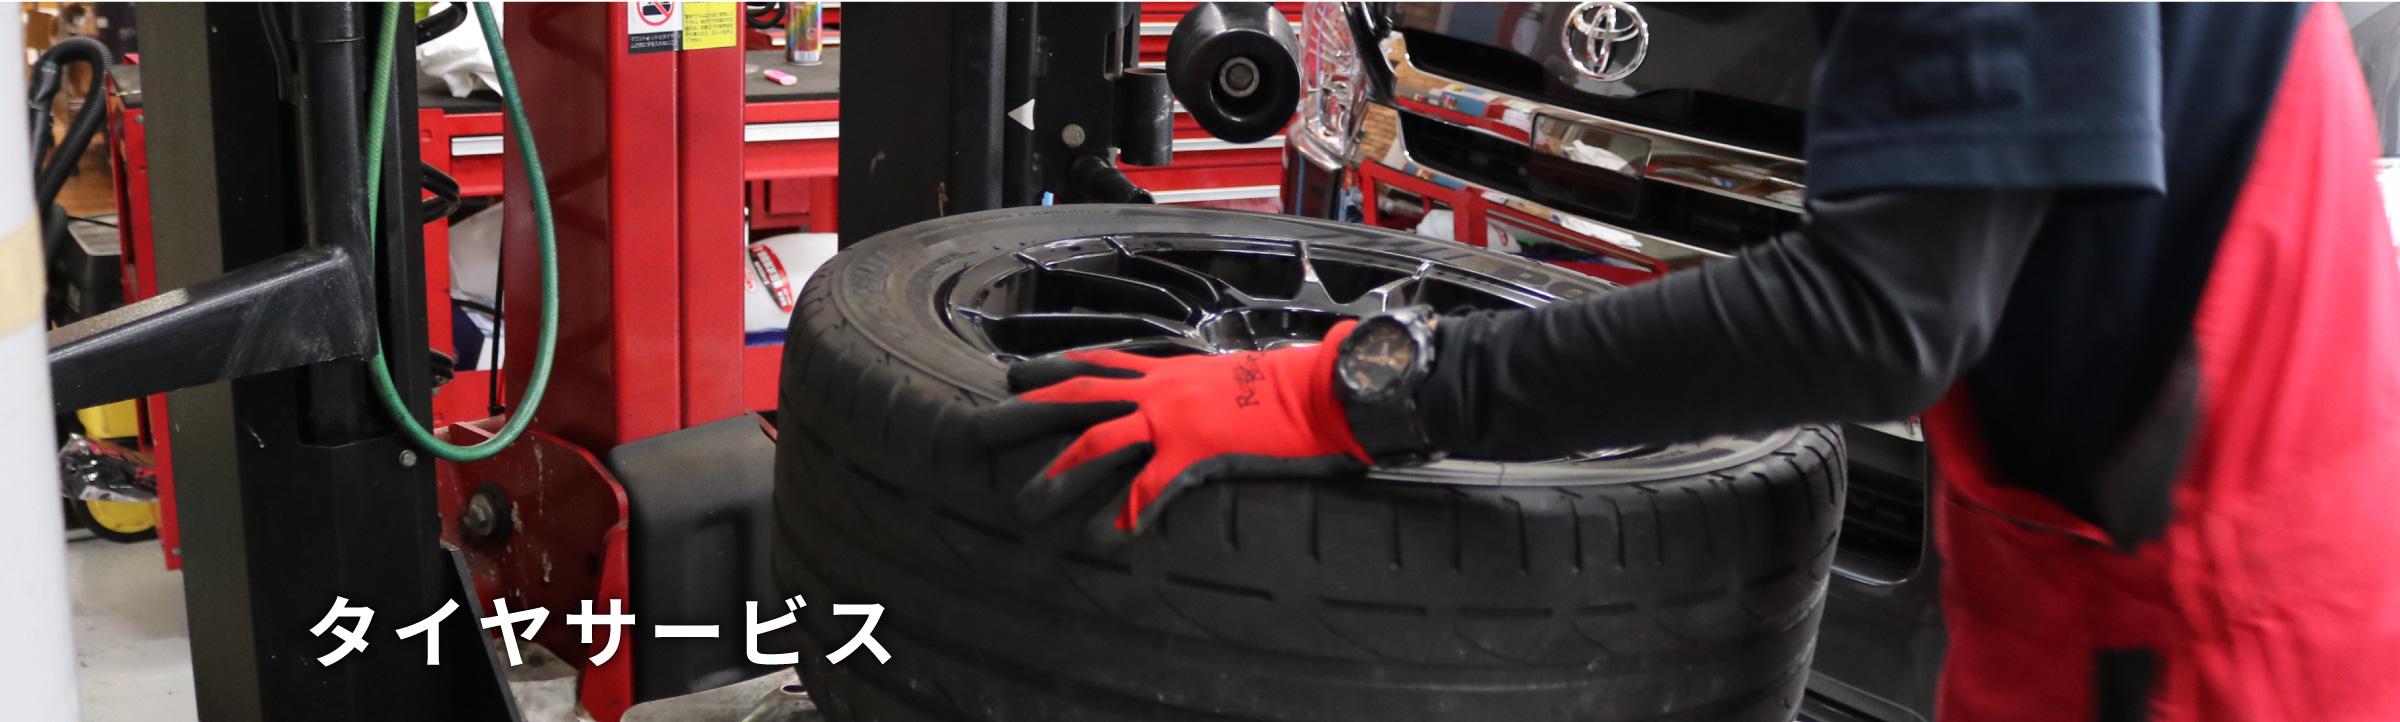 タイヤサービス